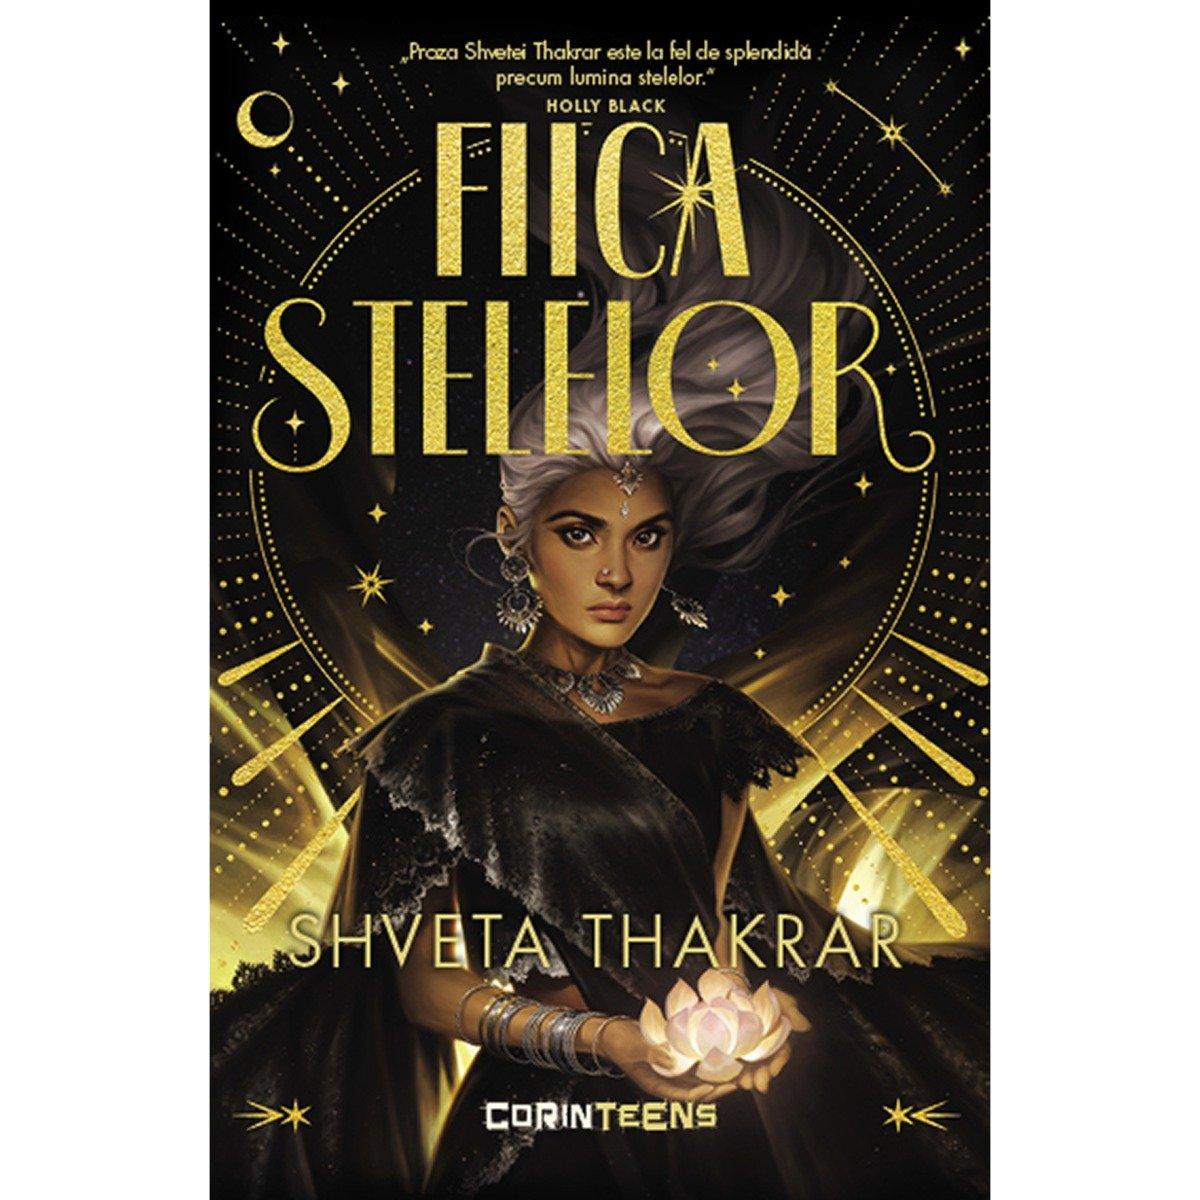 Fiica stelelor, Shveta Thakrar